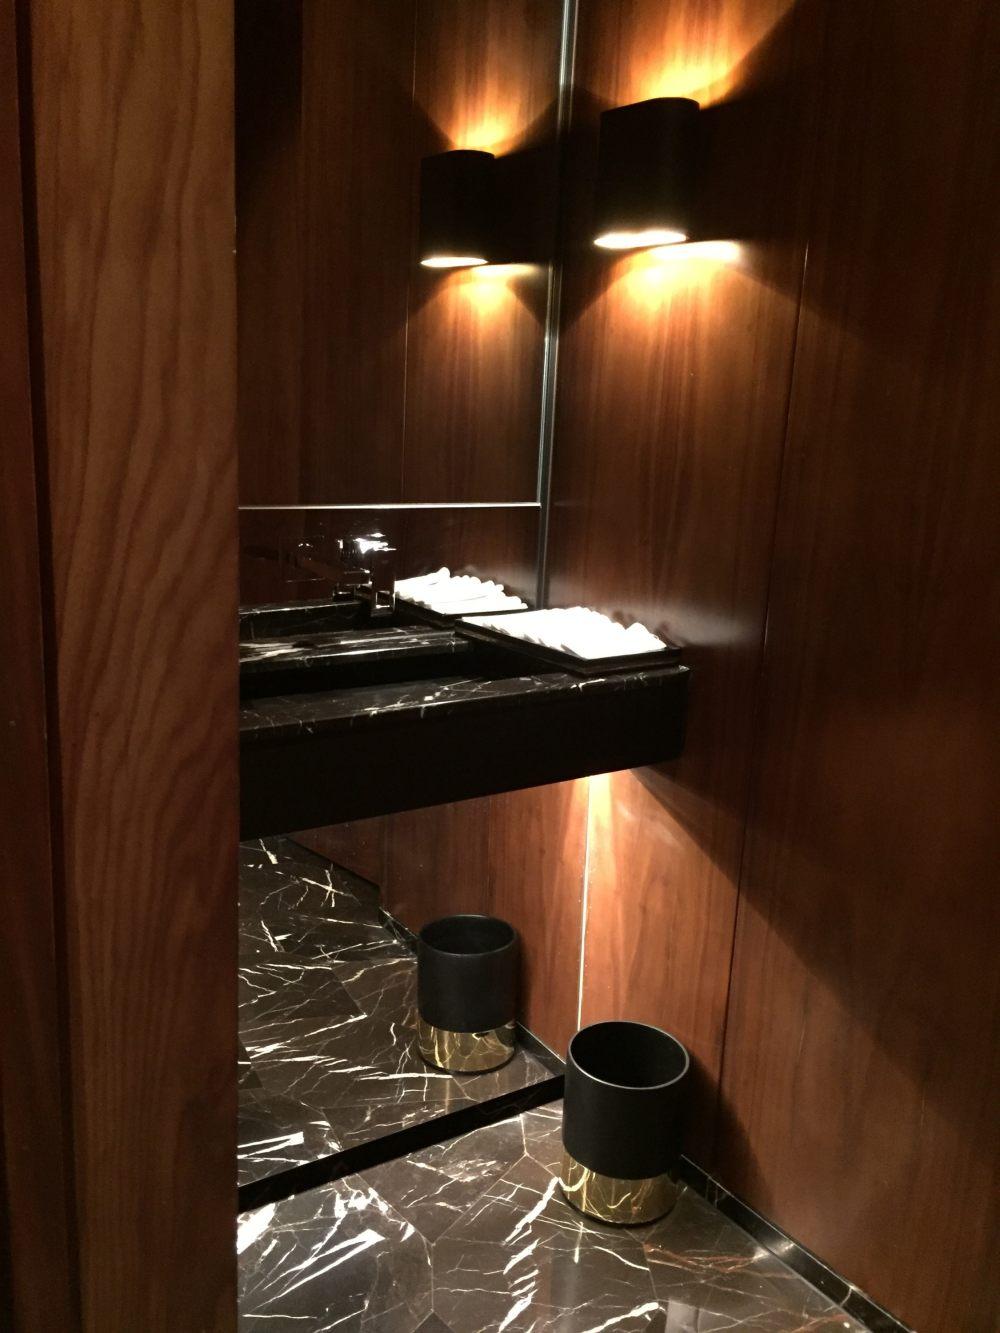 上海外滩W酒店,史上最全入住体验 自拍分享,申请置...._IMG_6325.JPG